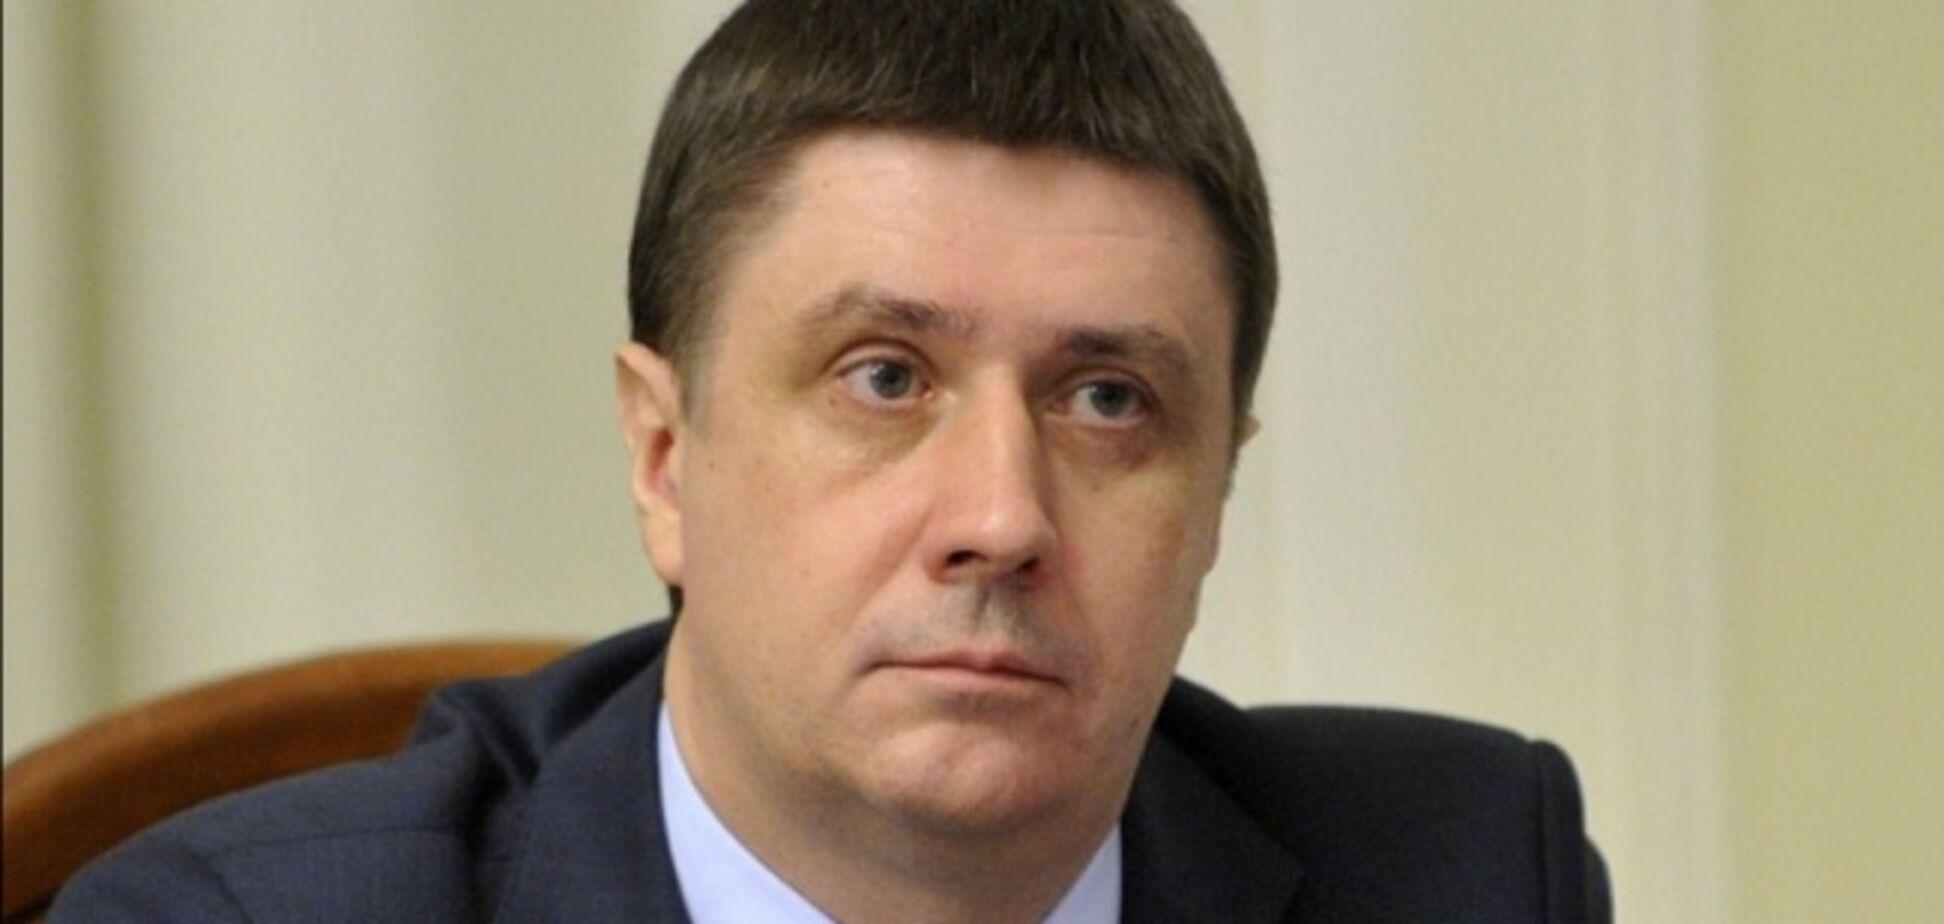 Европейский путь: Кириленко озвучил аргумент в пользу квот в эфире